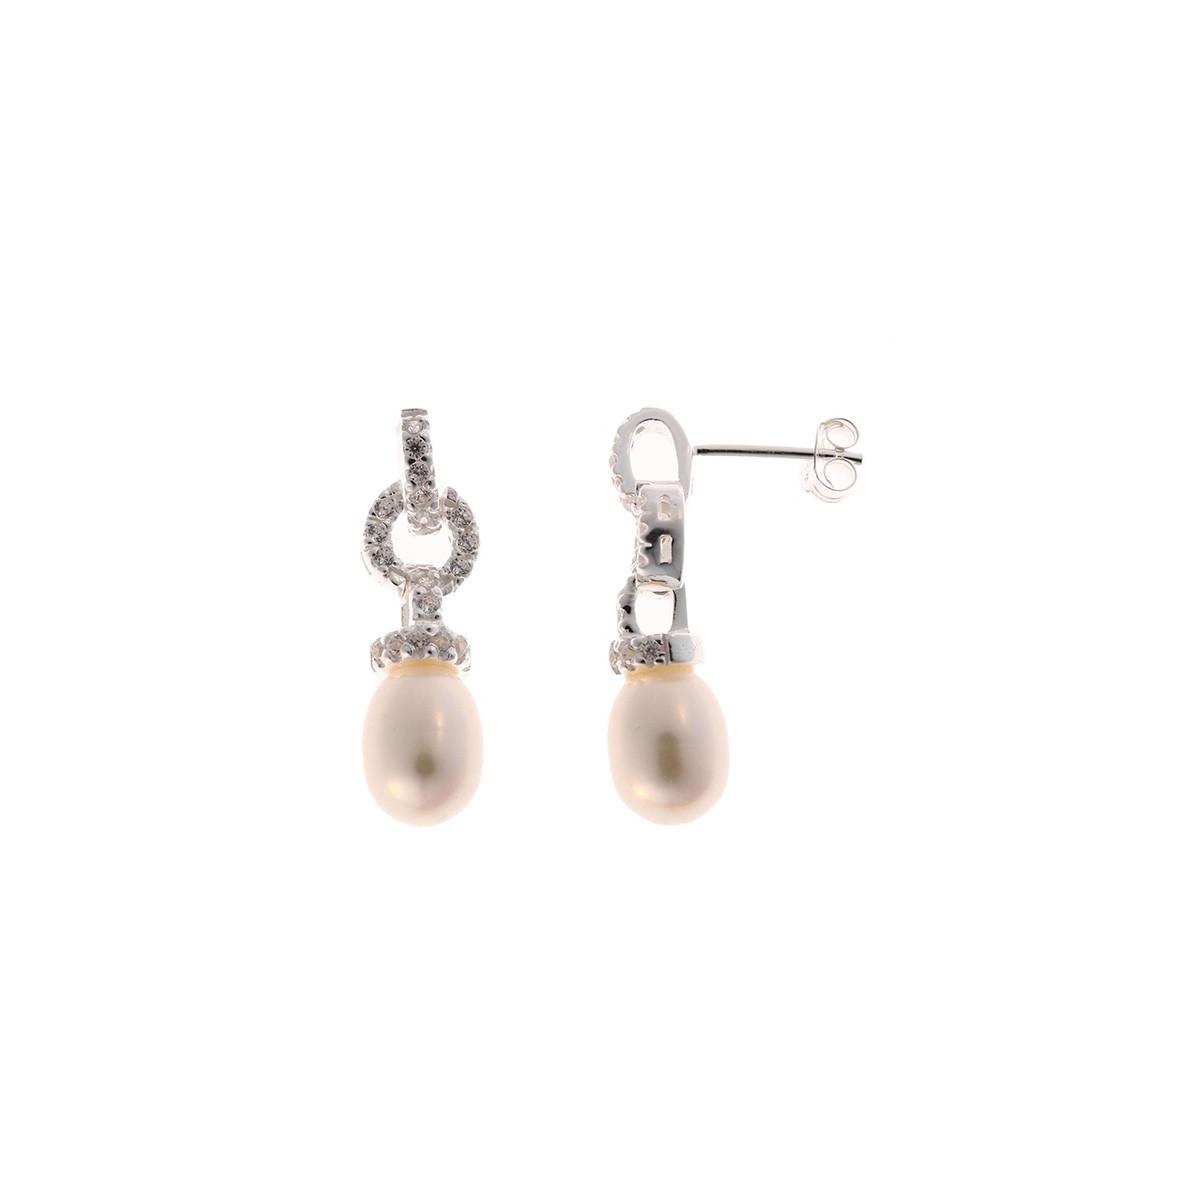 merveilleuse boucle d 39 oreilles argent 925 et perle de. Black Bedroom Furniture Sets. Home Design Ideas